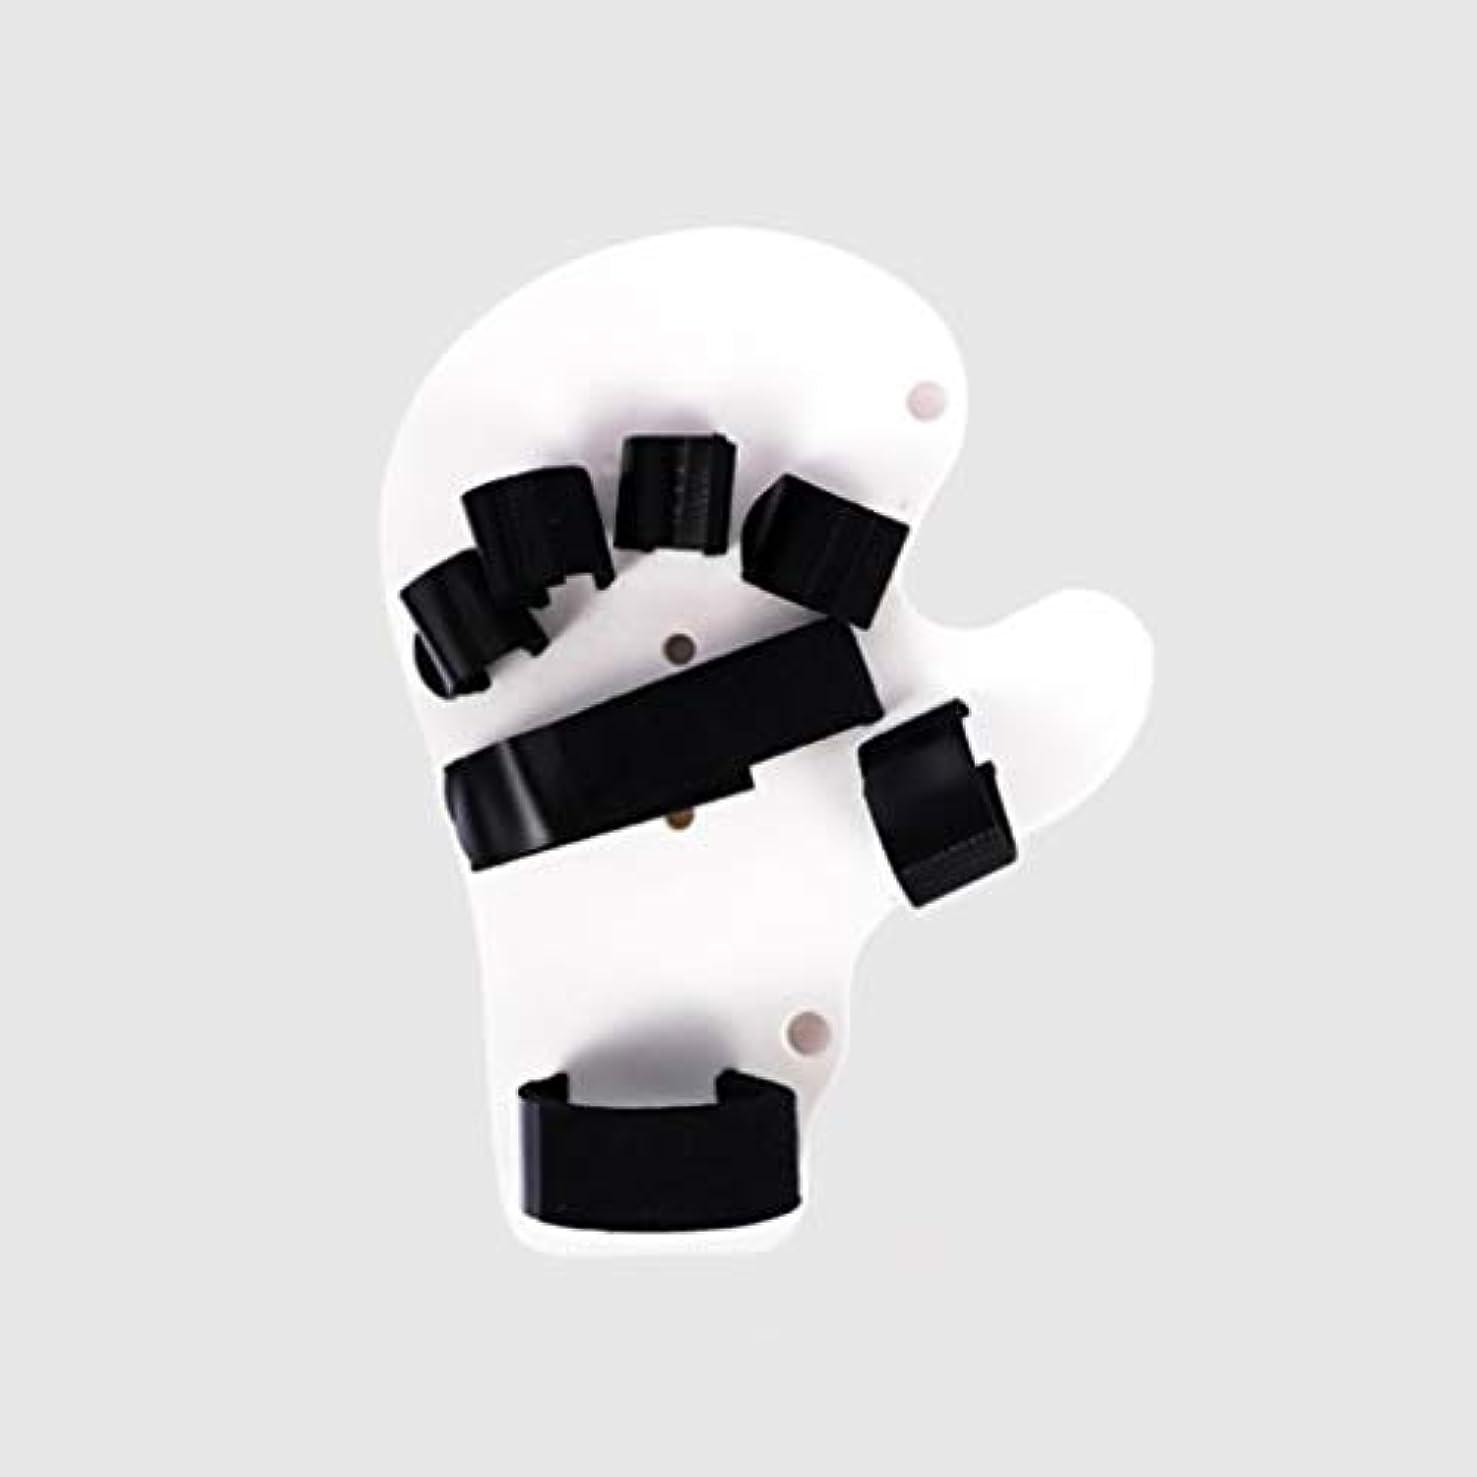 環境に優しいライナーぬるいプロテクターフィンガークッショントリガーフィンガーマレットフィンガーフィンガーナックル固定化指骨折創傷フィンガーエクステンションスプリント,白